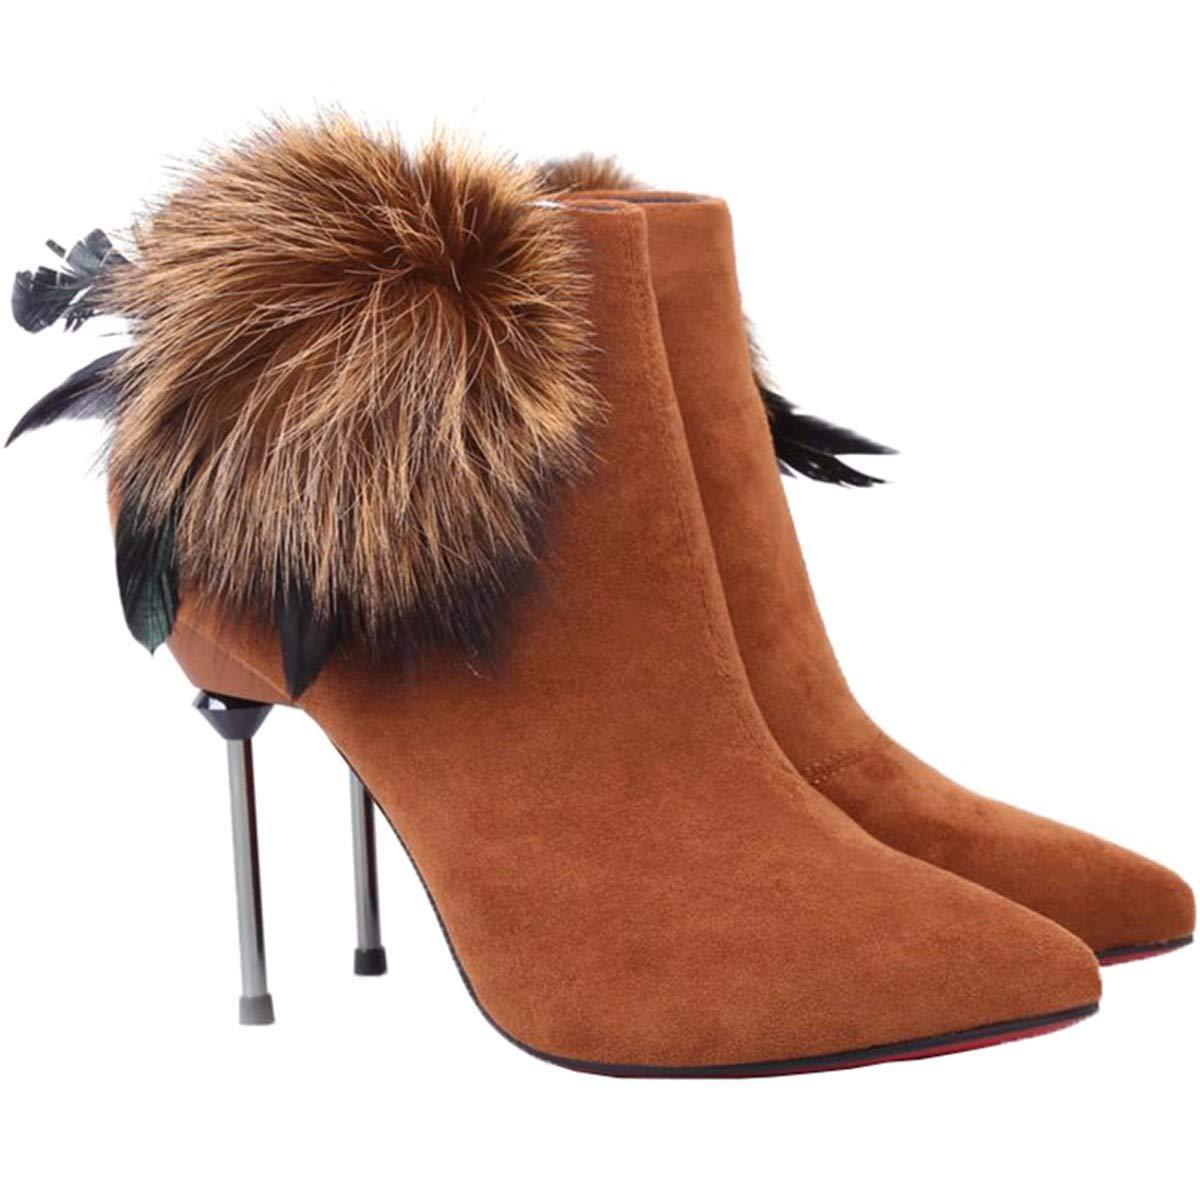 KPHY Damenschuhe Sexy Spitzen Kurze Stiefel Mit Hohen 10Cm Wild Schuhe Fein Hacken Hohe Stiefel Martin Stiefel Ohne Stiefel.